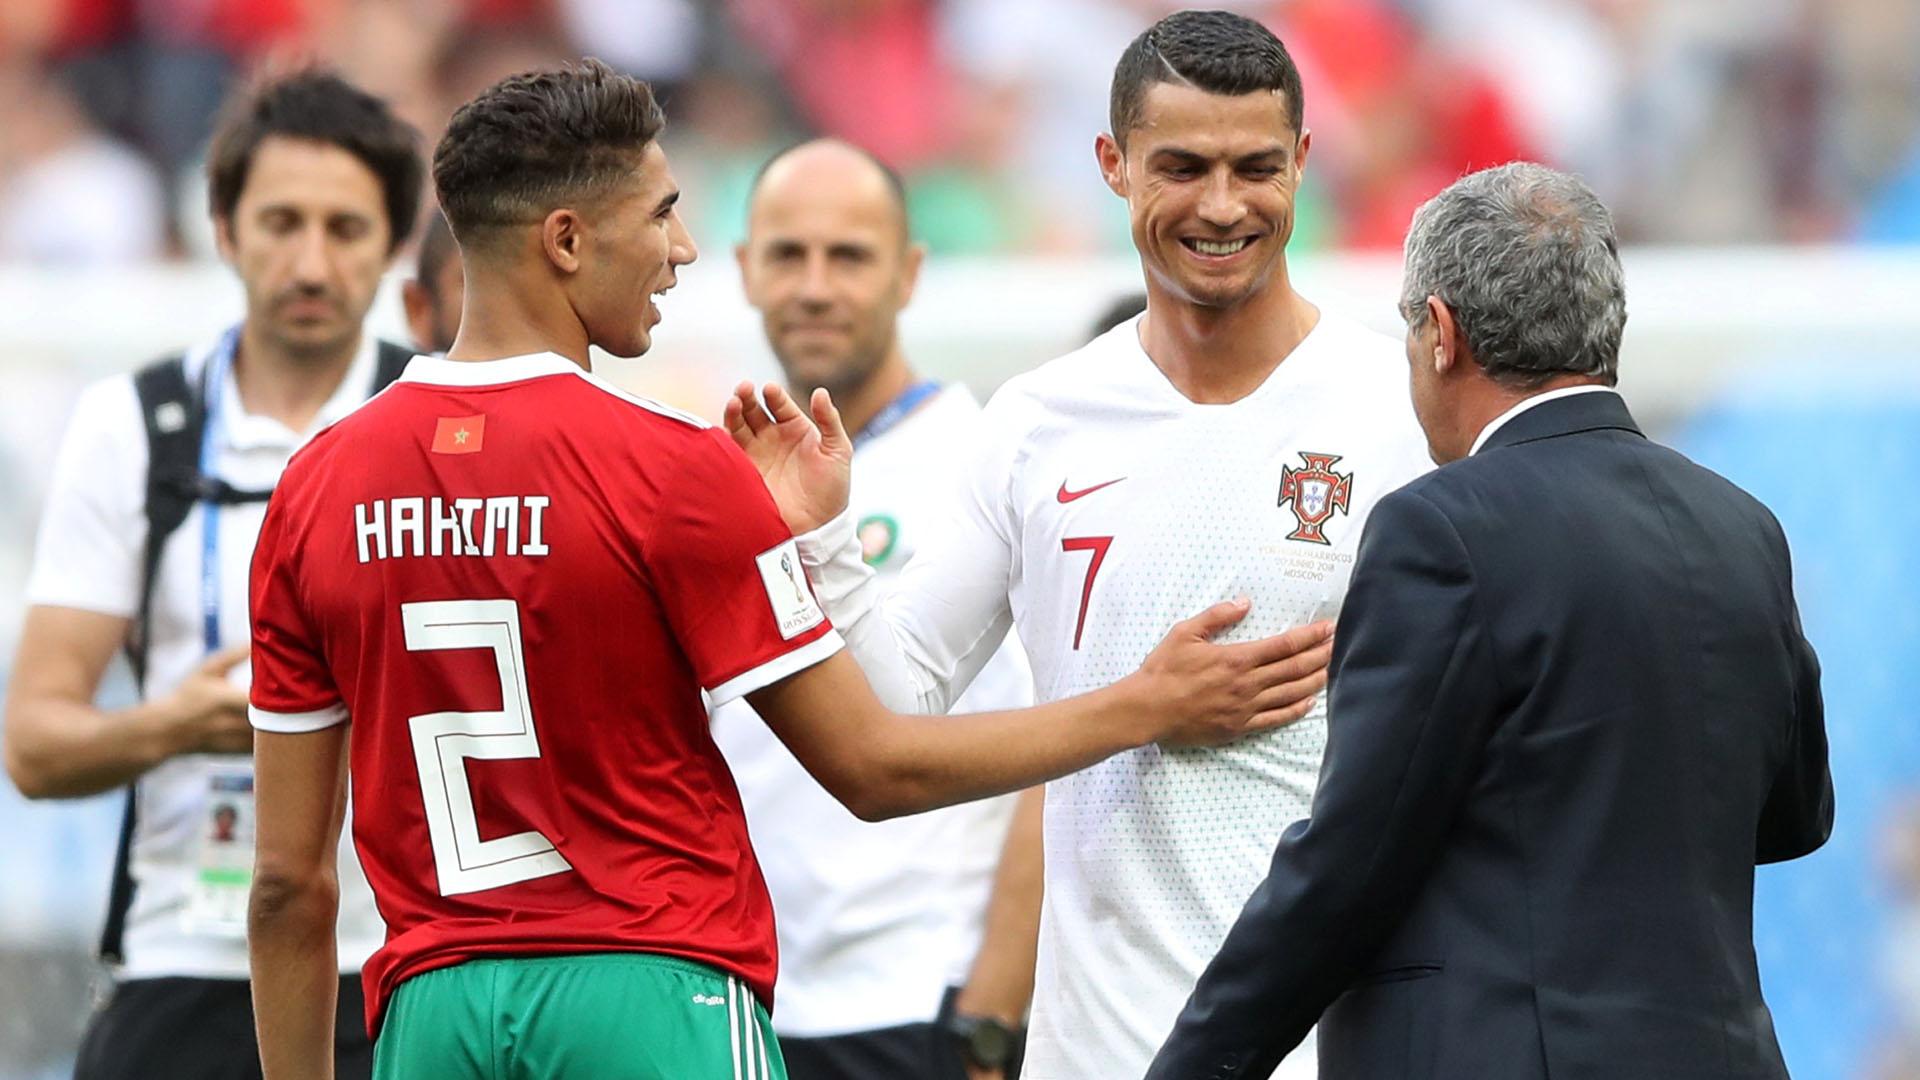 Todo risas. Cristiano Ronaldo saluda a los rivales luego del triunfo frente a Marruecos.REUTERS/Carl Recine